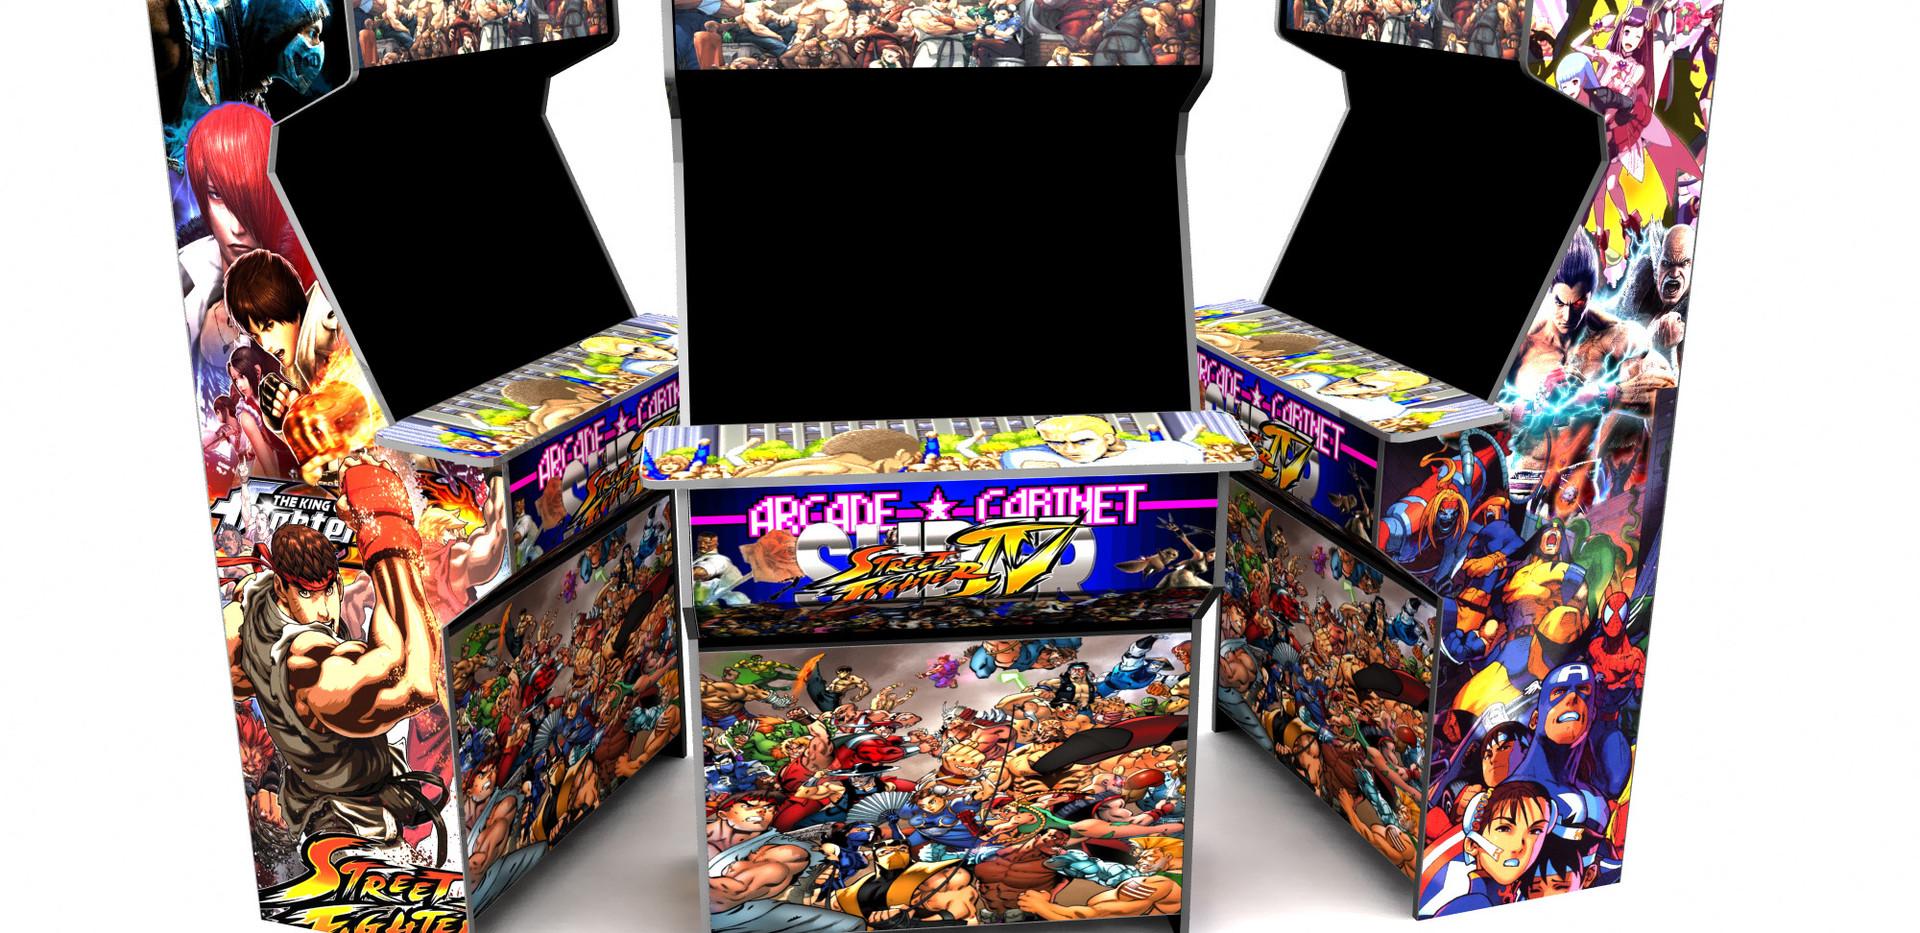 Fighter Arcade